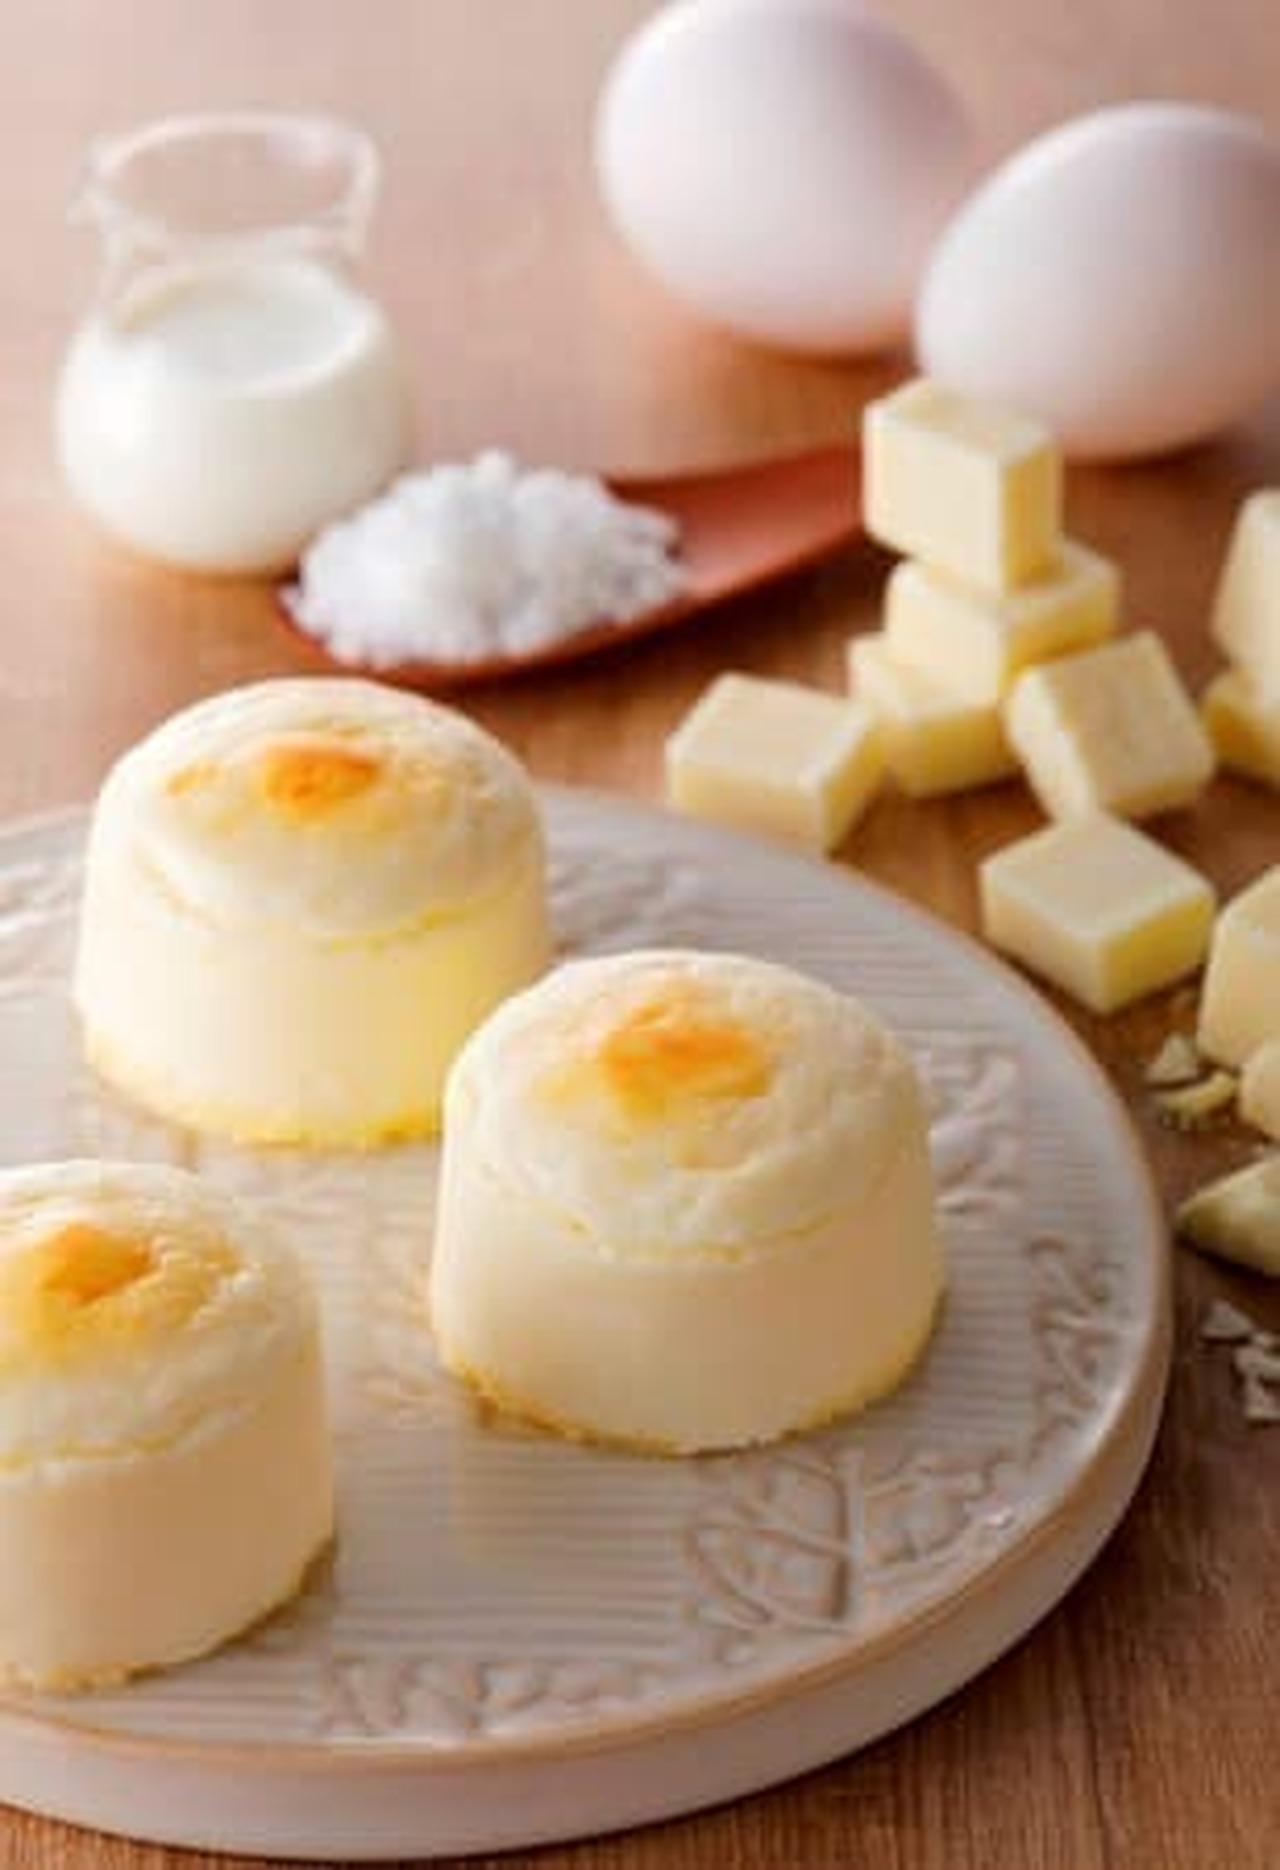 「白い恋人 ホワイトチョコレートオムレット」ISHIYAと函館洋菓子スナッフルスの北海道コラボ!